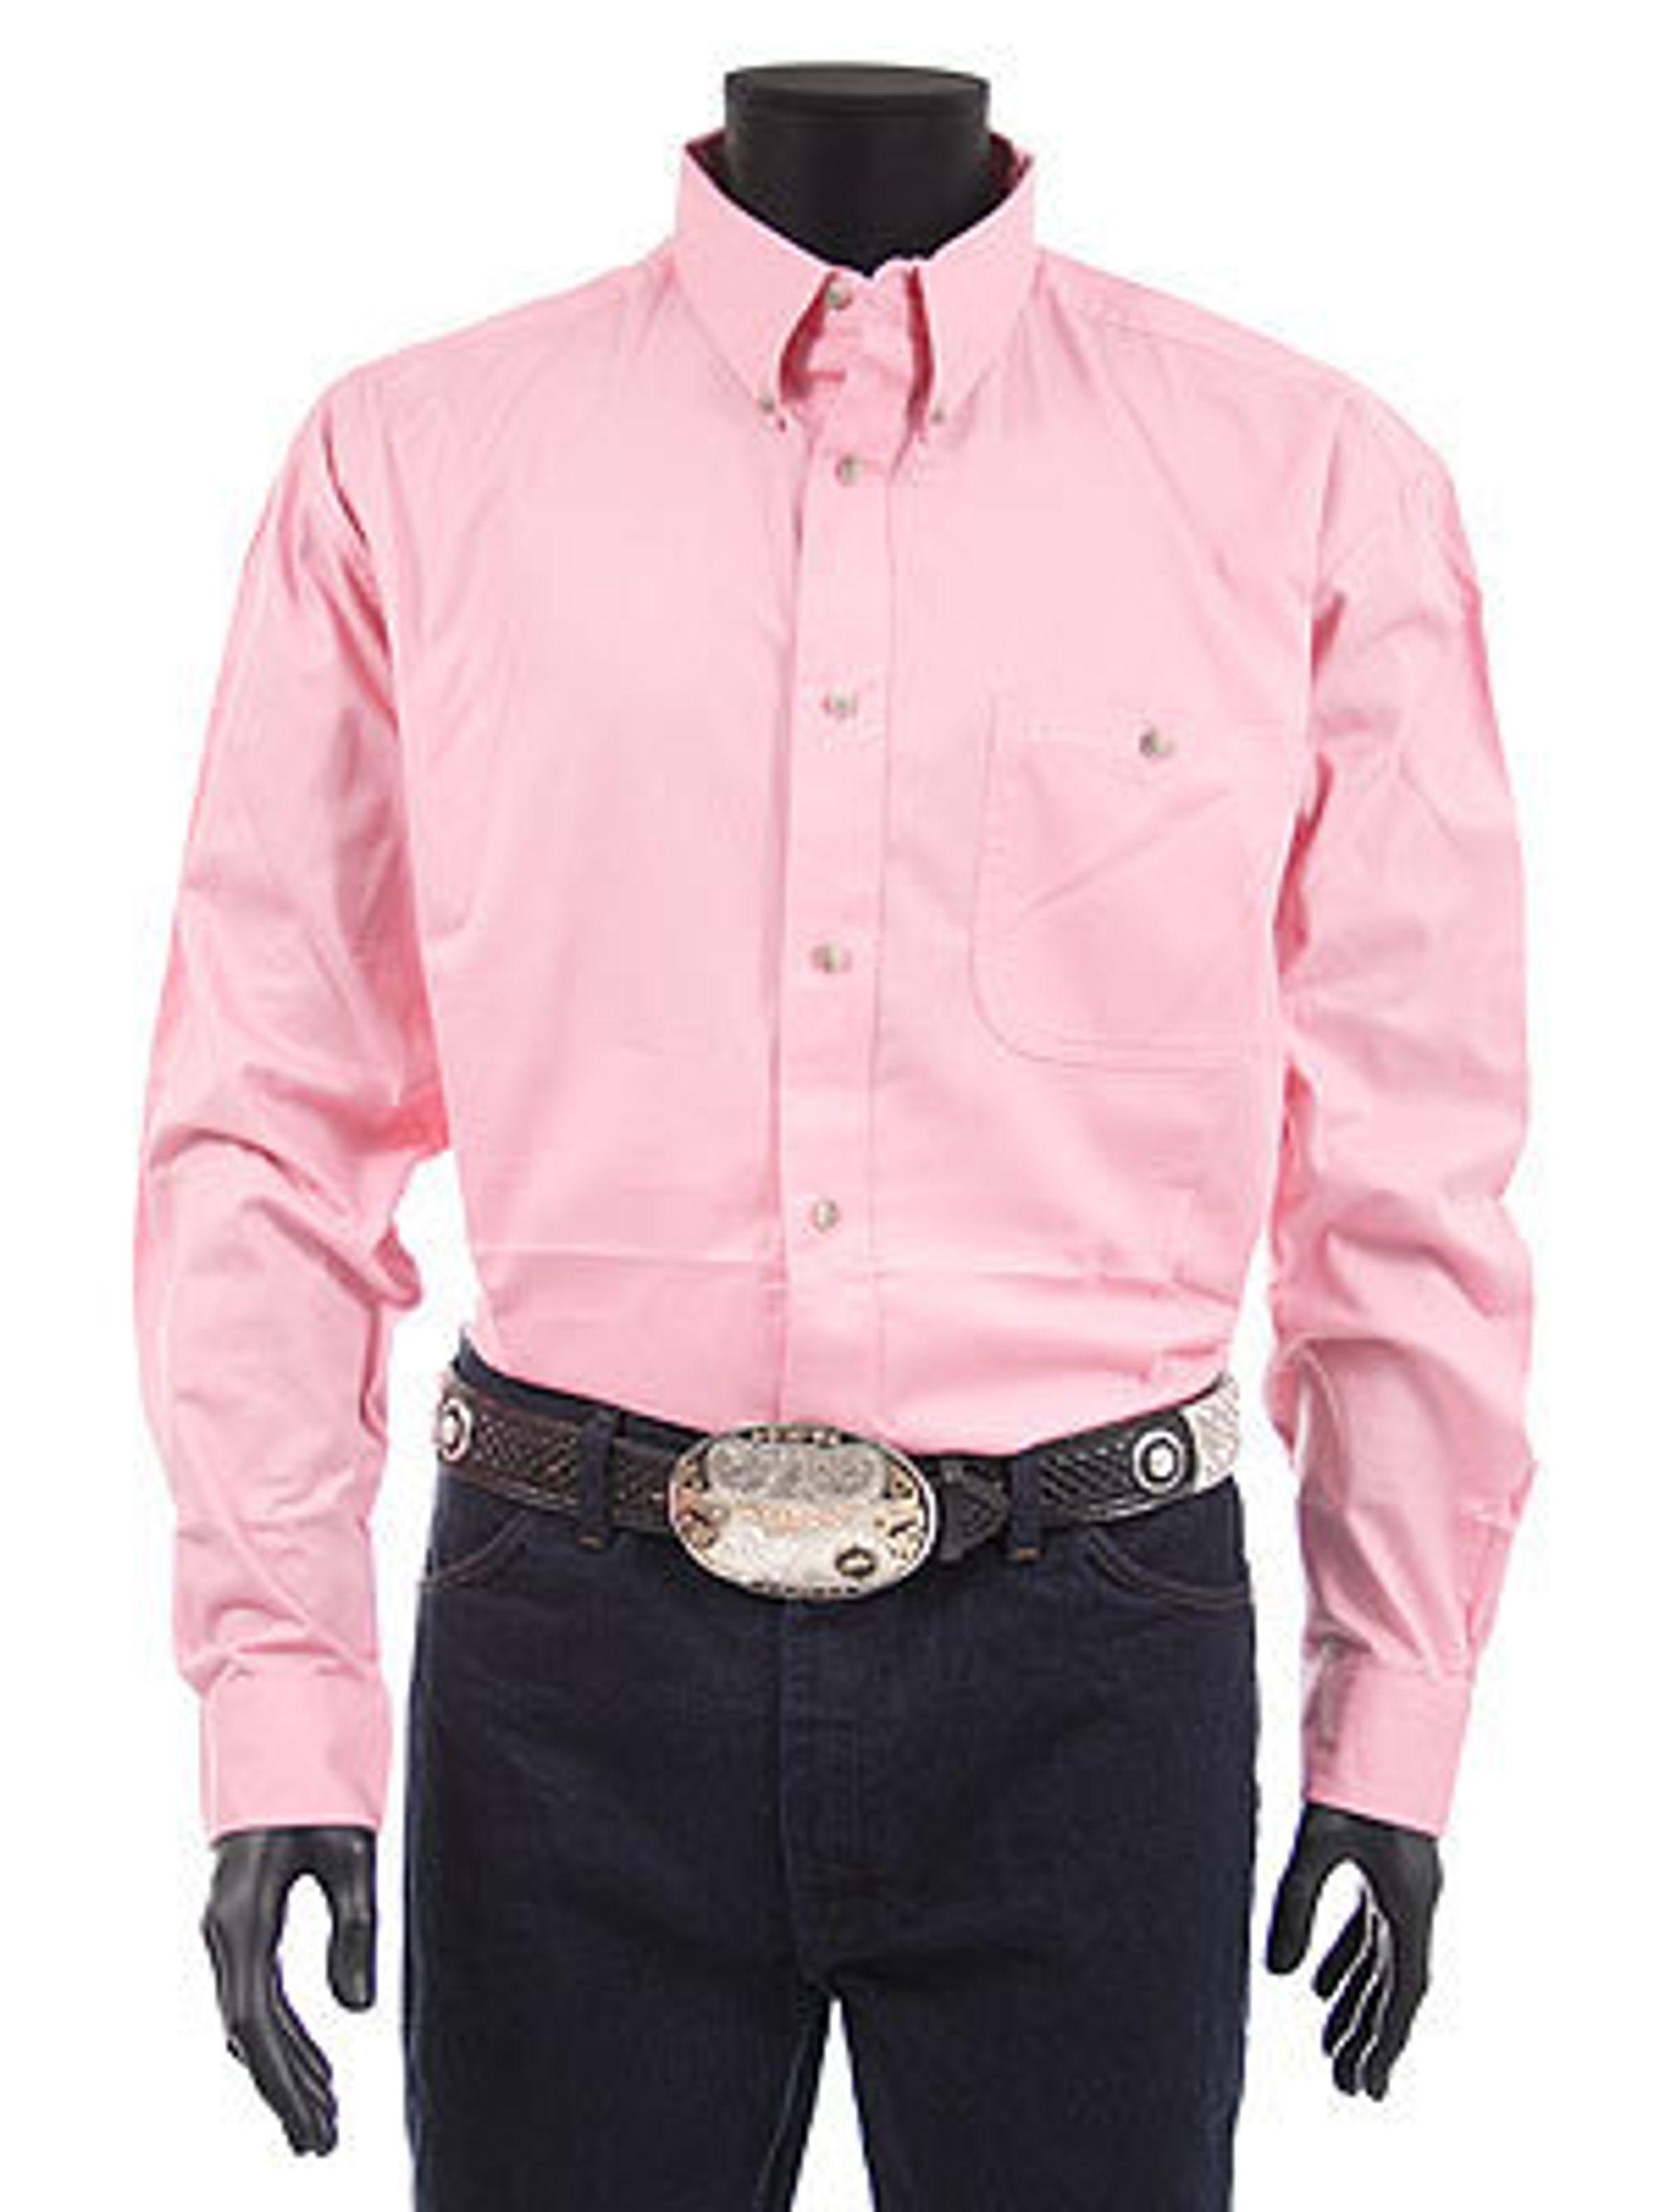 PRETTY IN PINK: Antall rosa skjorter er en morsom temperaturmåler på hvor skjør finansmarkedet er.